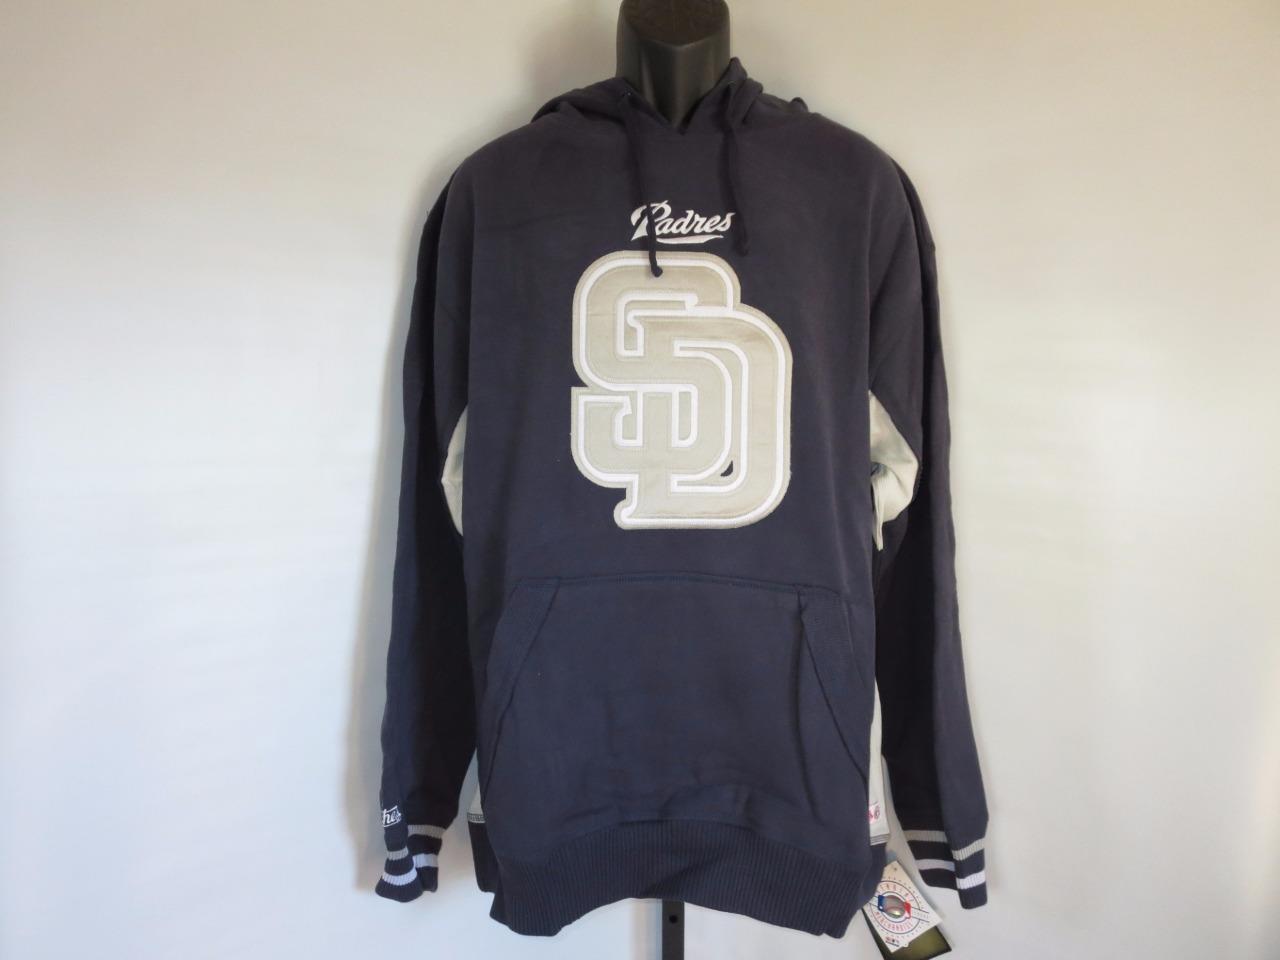 Neu San Diego Padres Herren Herren Herren Gr. L (L) Stitches Athletic Gear Kapuze  | Wirtschaft  c0320d